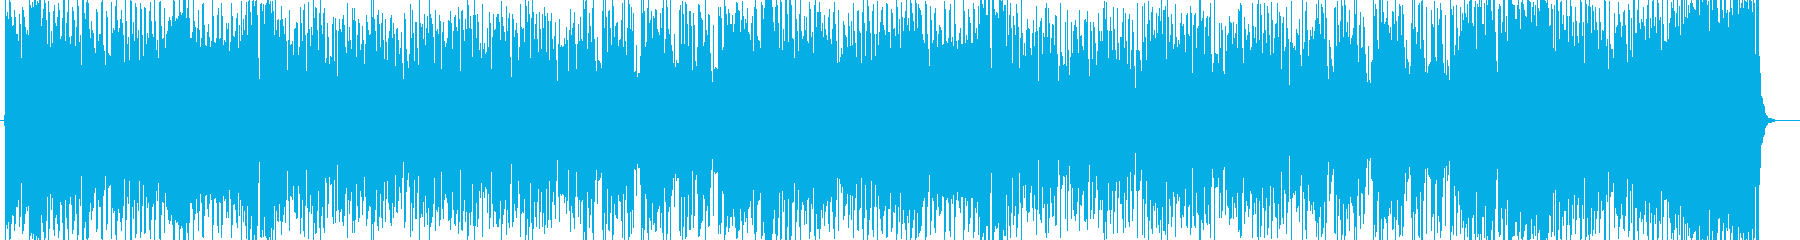 開幕を表現する爽やかなシンセサイザーの再生済みの波形